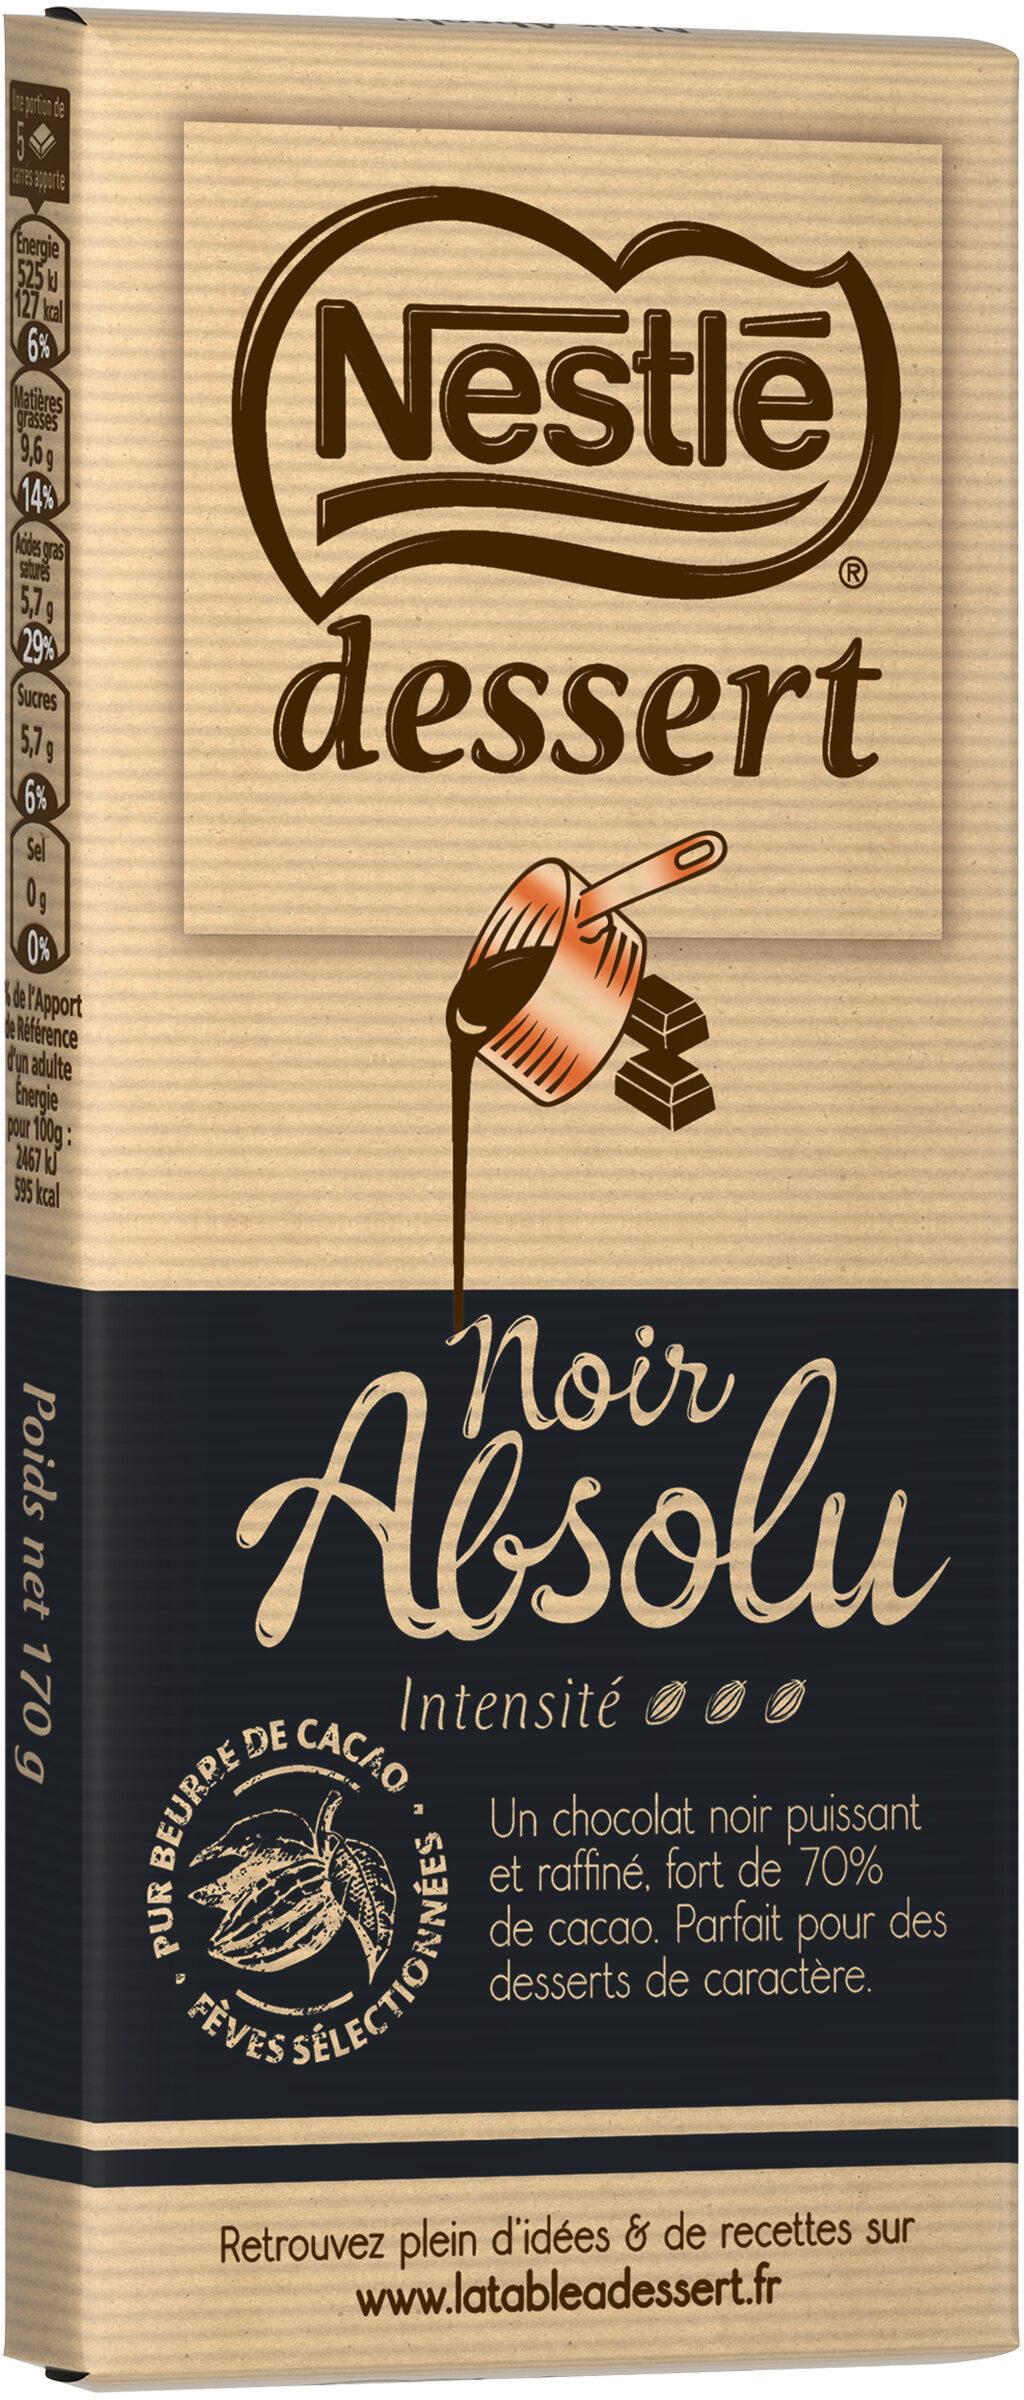 NESTLE DESSERT Chocolat Noir Absolu - Produit - fr